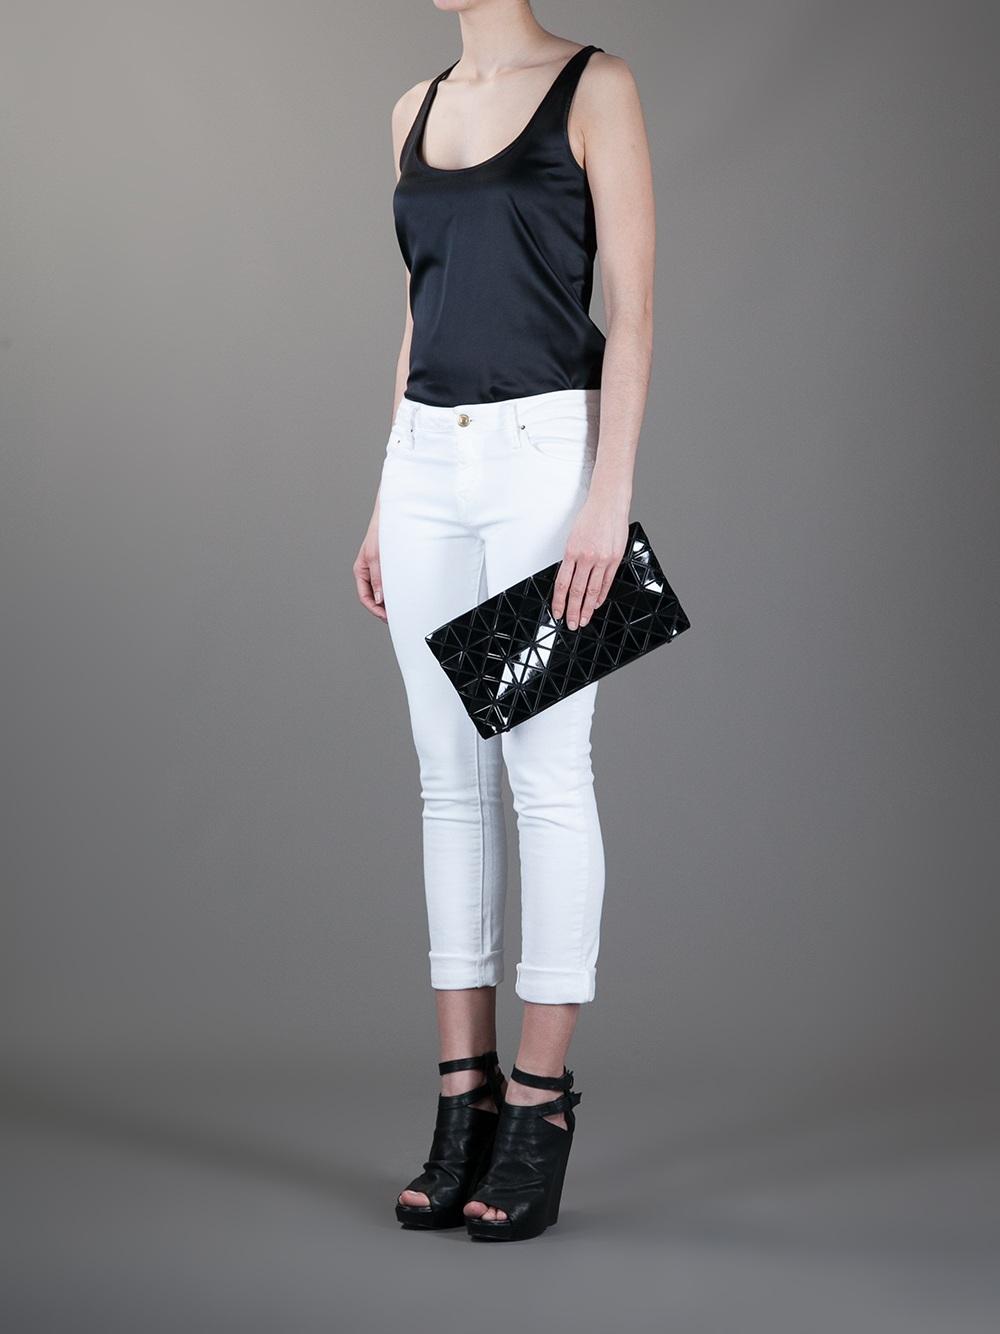 Bao Bao Issey Miyake Geometric Clutch Bag In Black Lyst